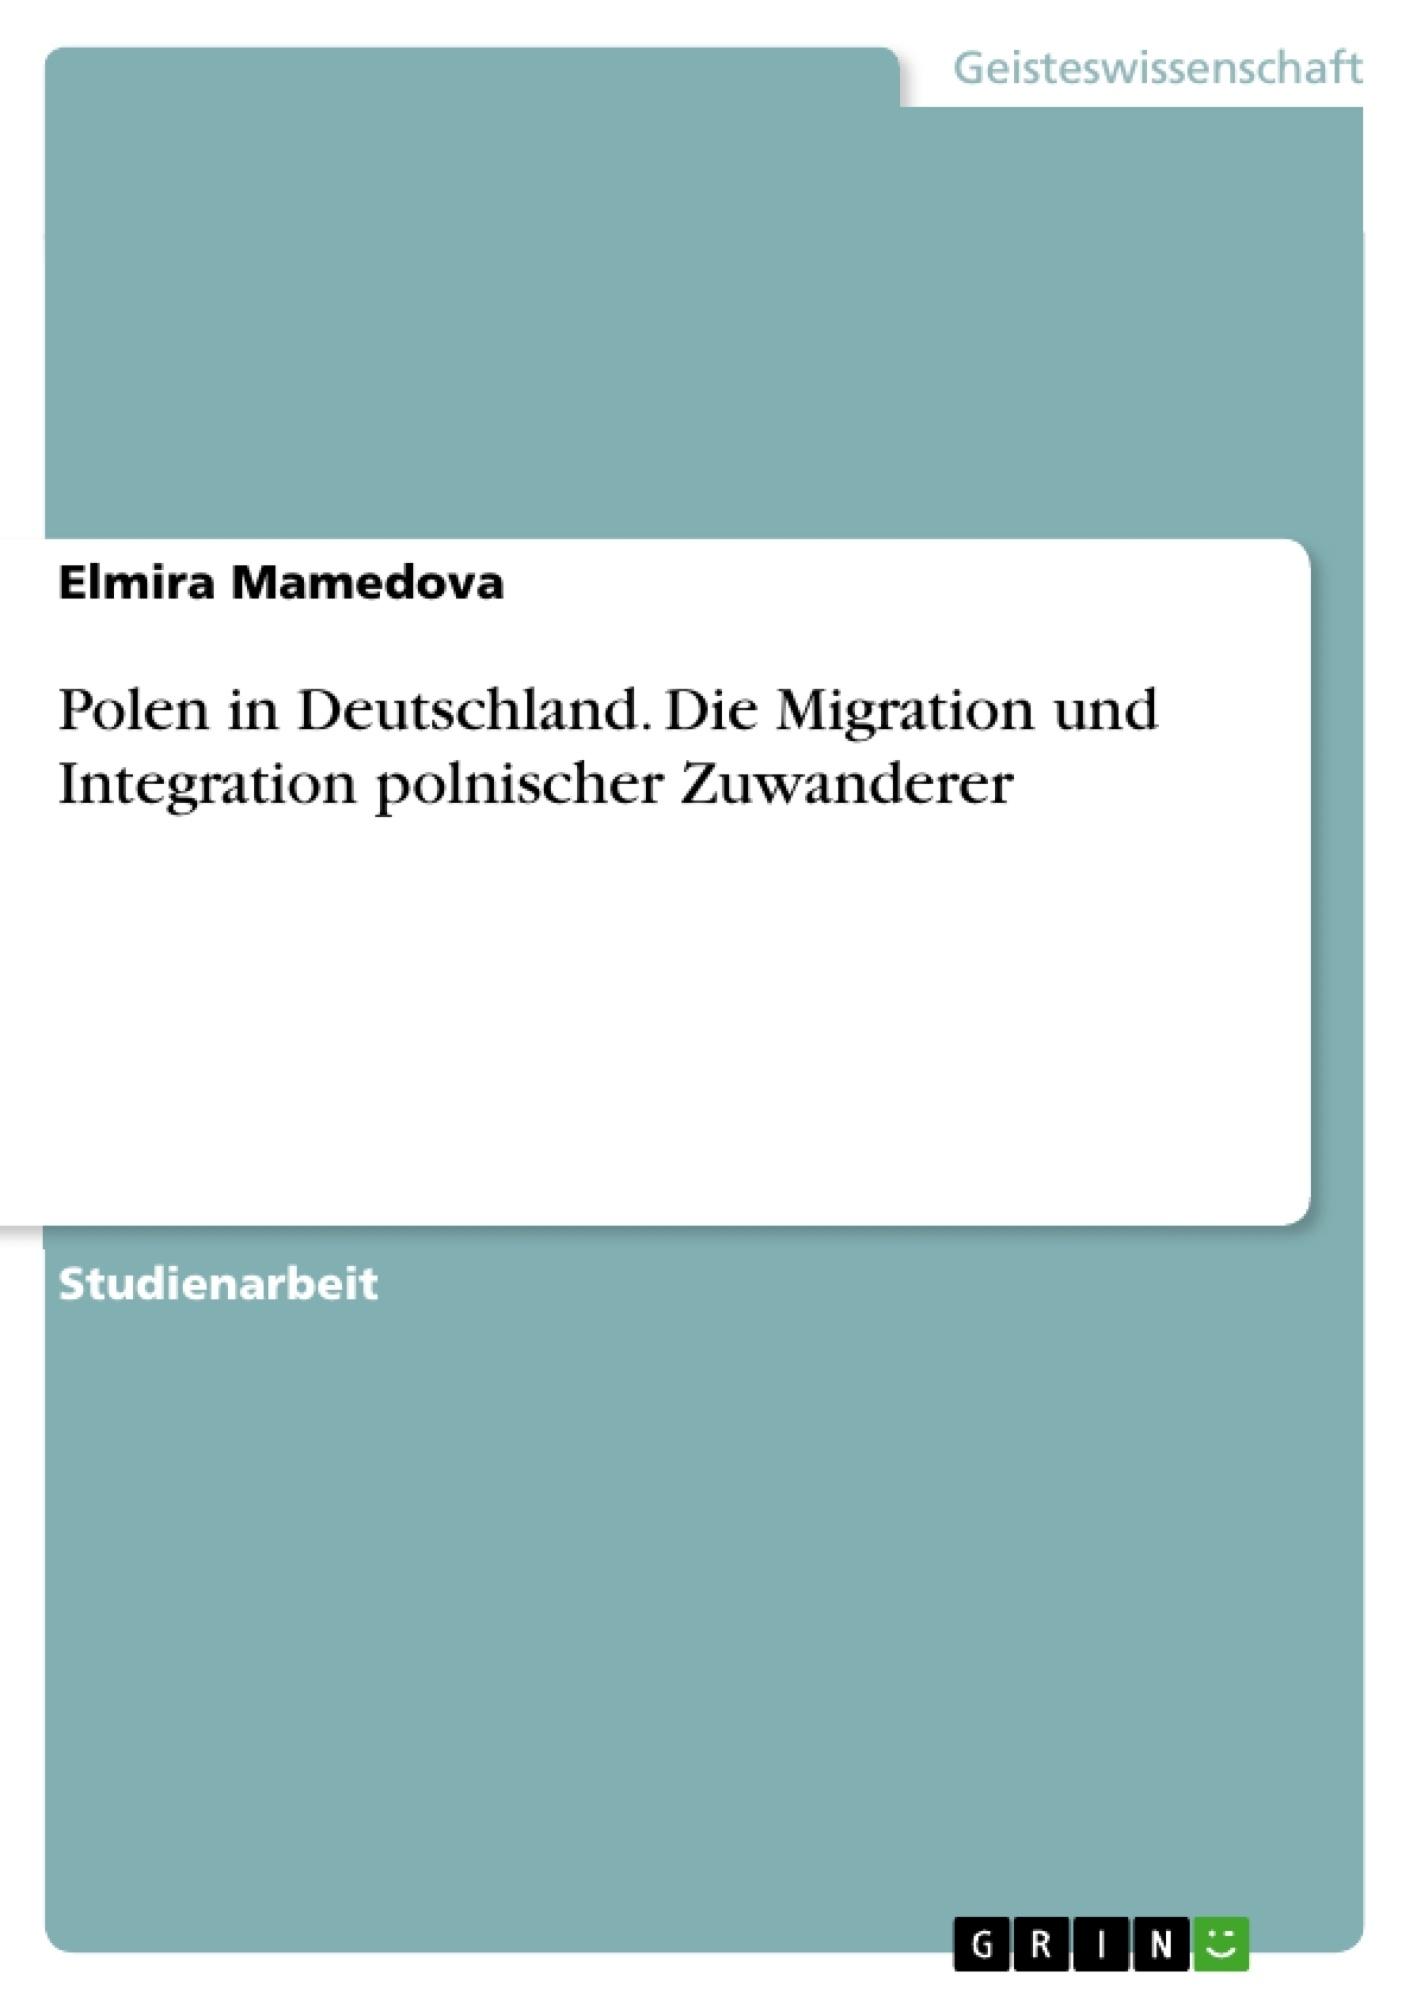 Titel: Polen in Deutschland. Die Migration und Integration polnischer Zuwanderer